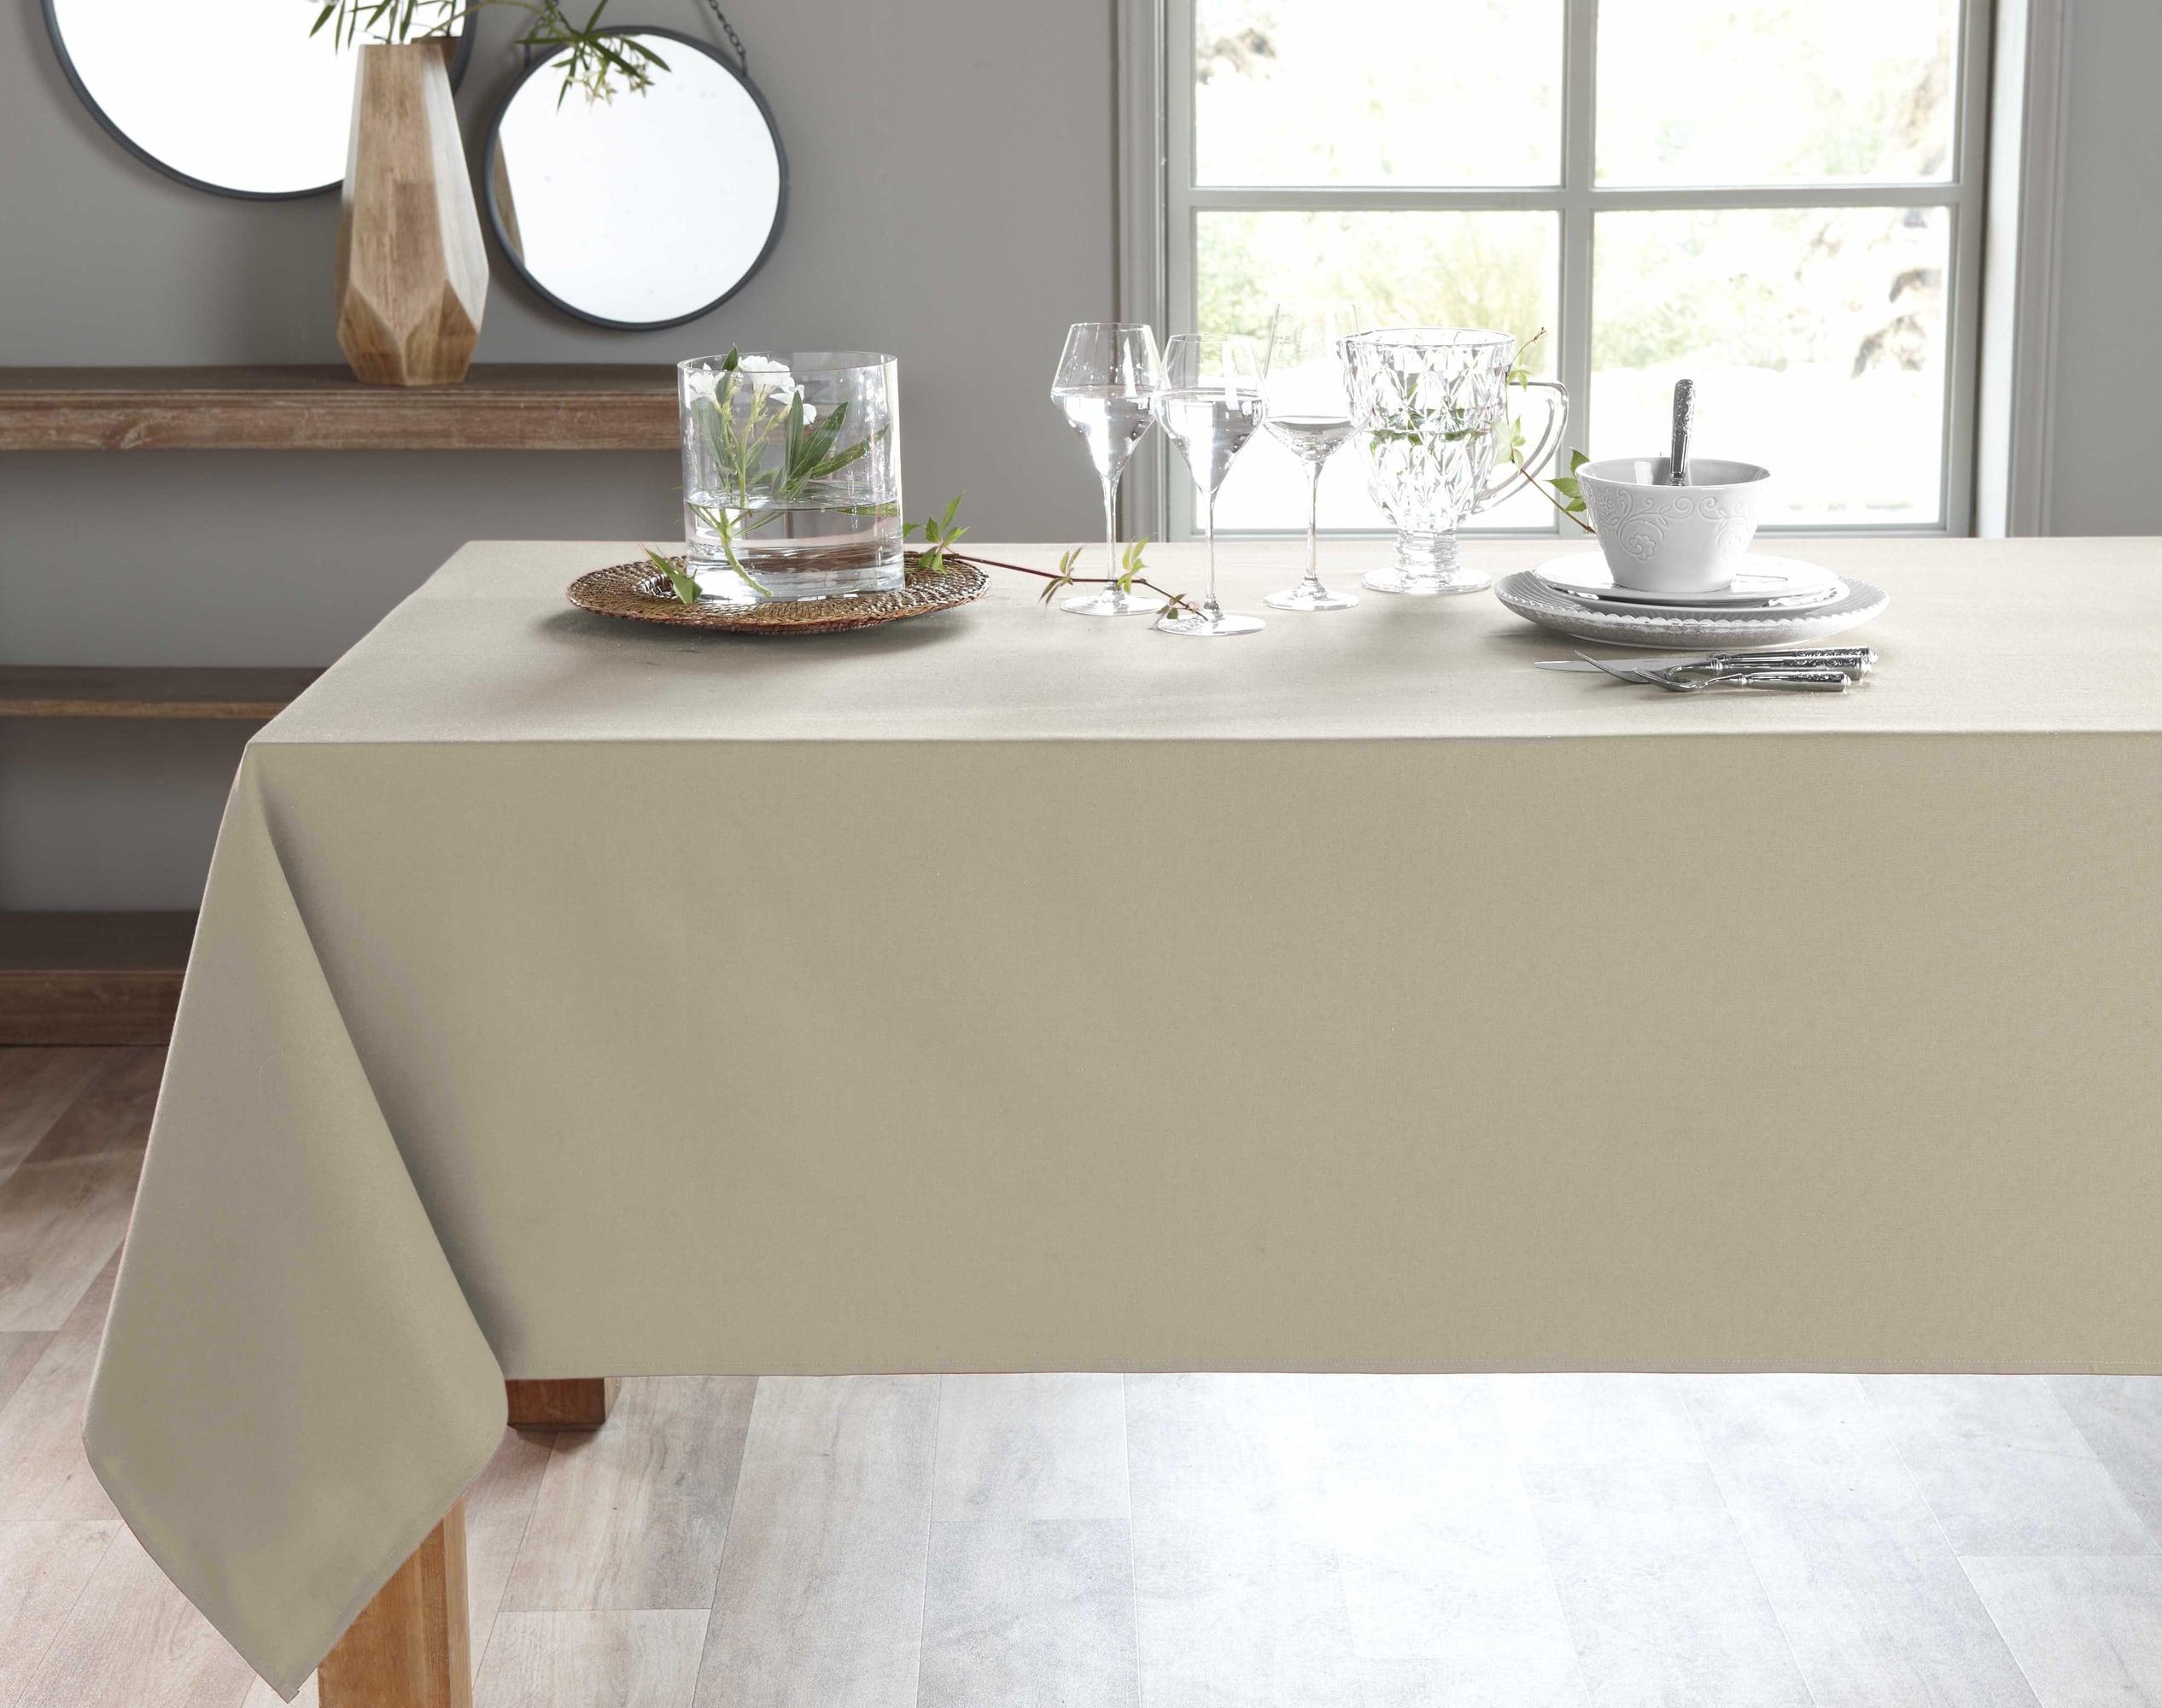 Nappe ronde beige en coton 235x235